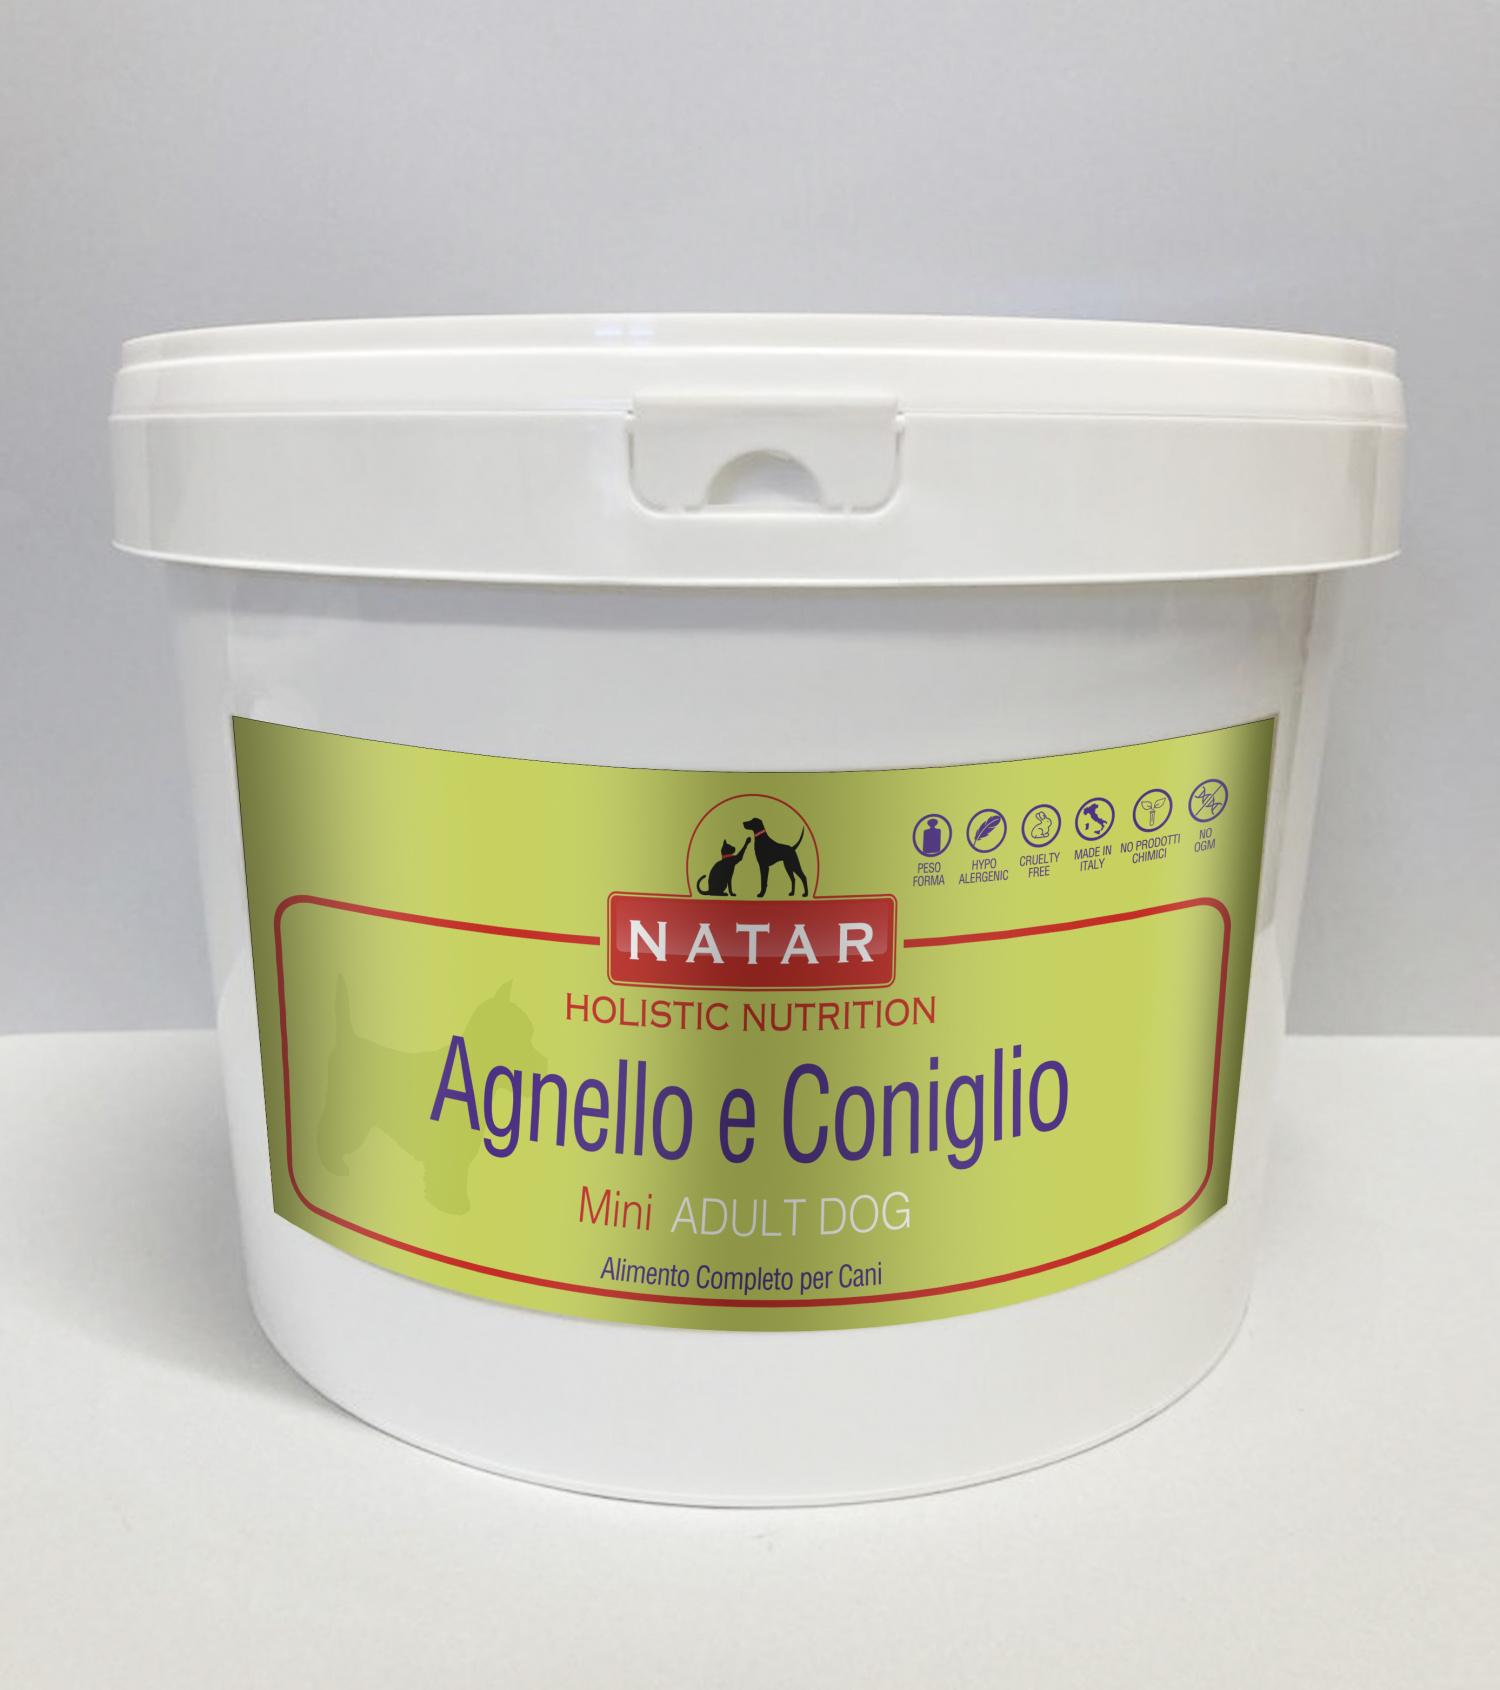 Cibo olistico per cani adulti a base di Agnello e Coniglio con crocchette specifiche per cani di piccola taglia